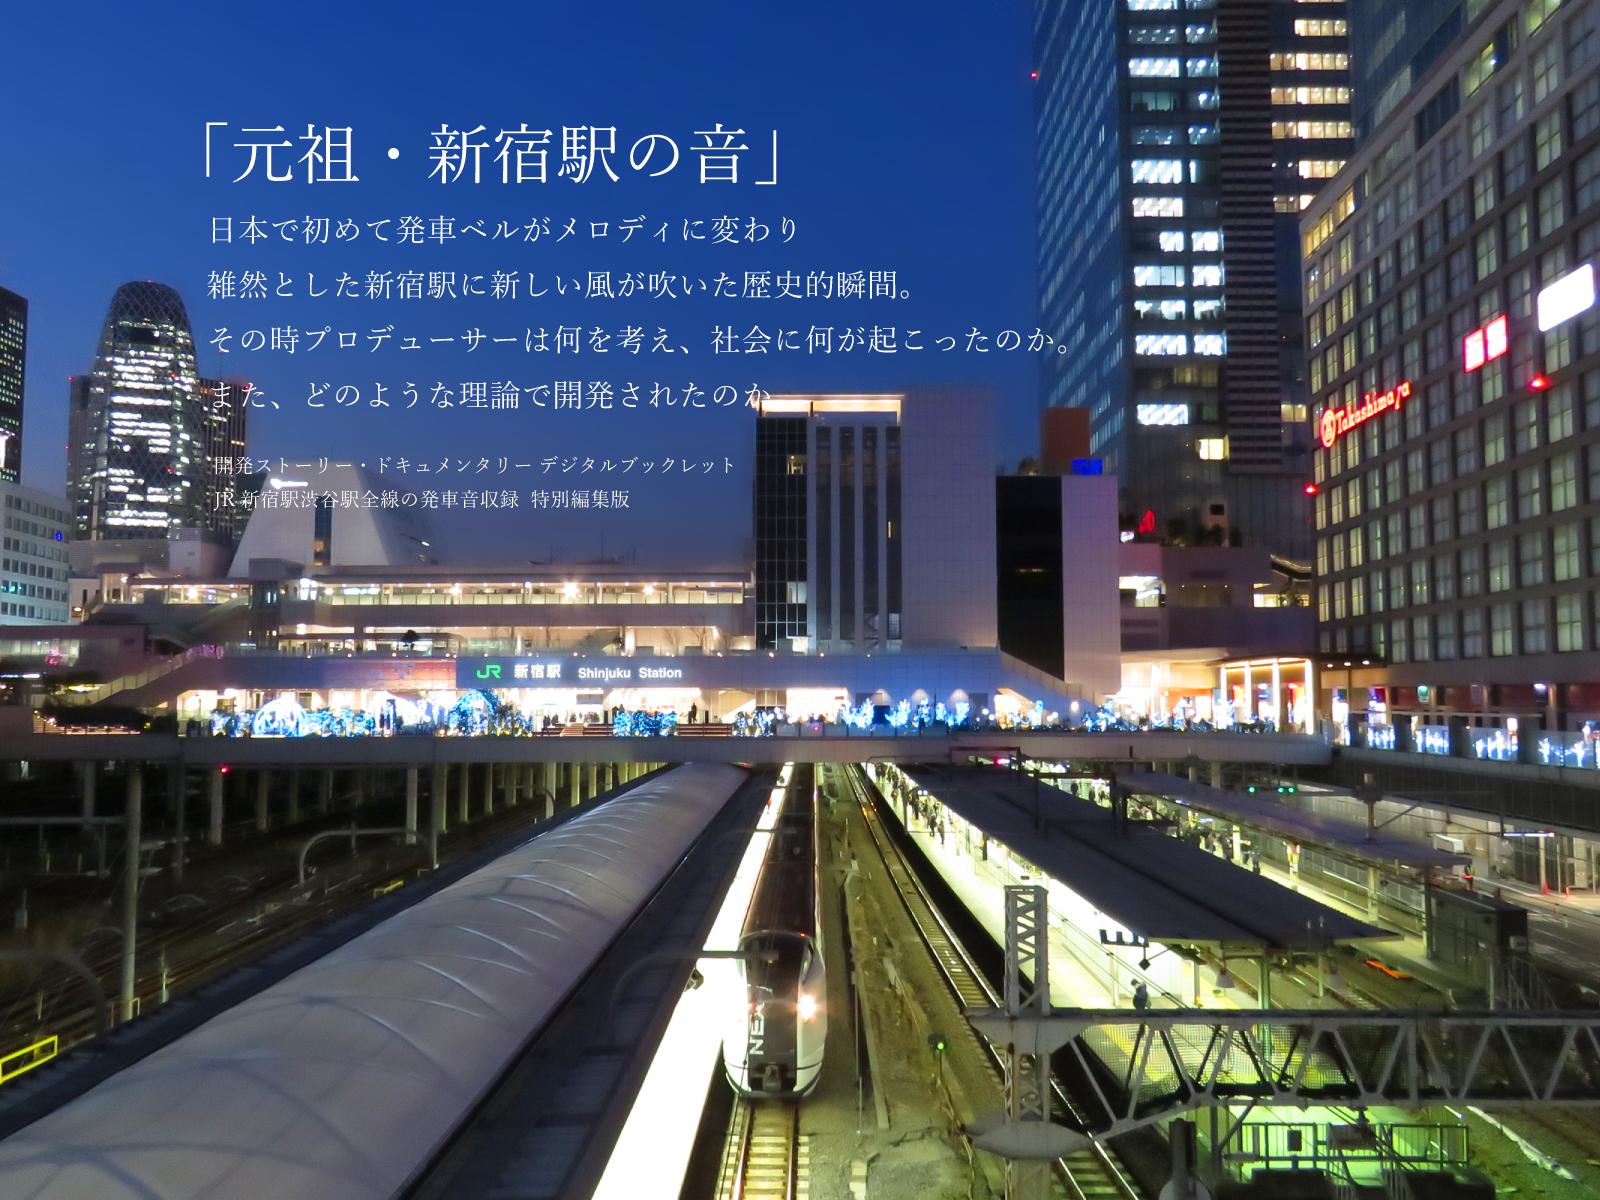 【新発売】30周年記念!JR新宿駅・渋谷駅の元祖発車音特集!